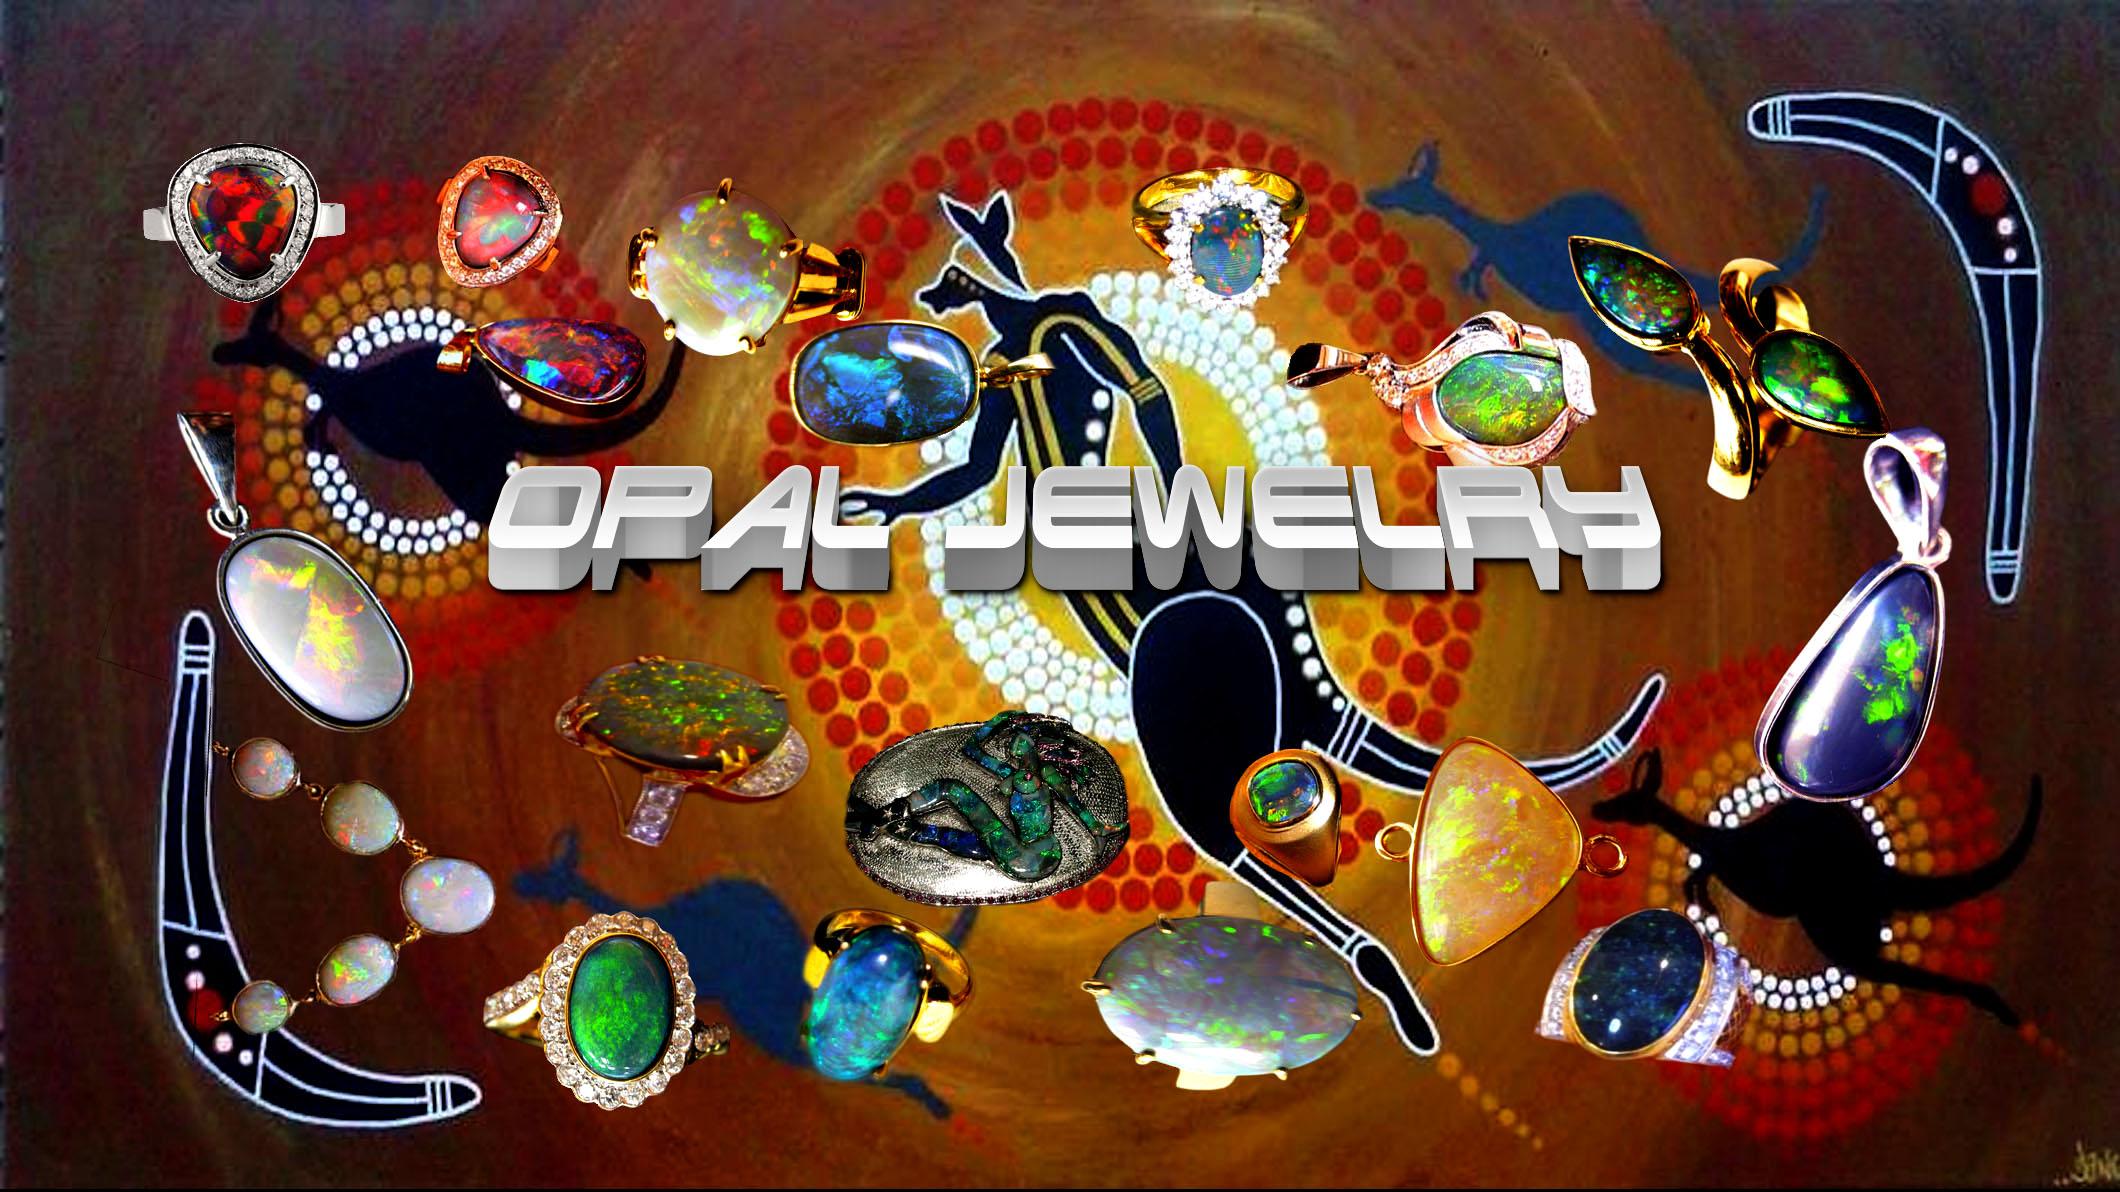 opal jewelry ebay,australian opal rings,black opal rings,handmade jewelry,black opal jewelry,australian opal jewelry